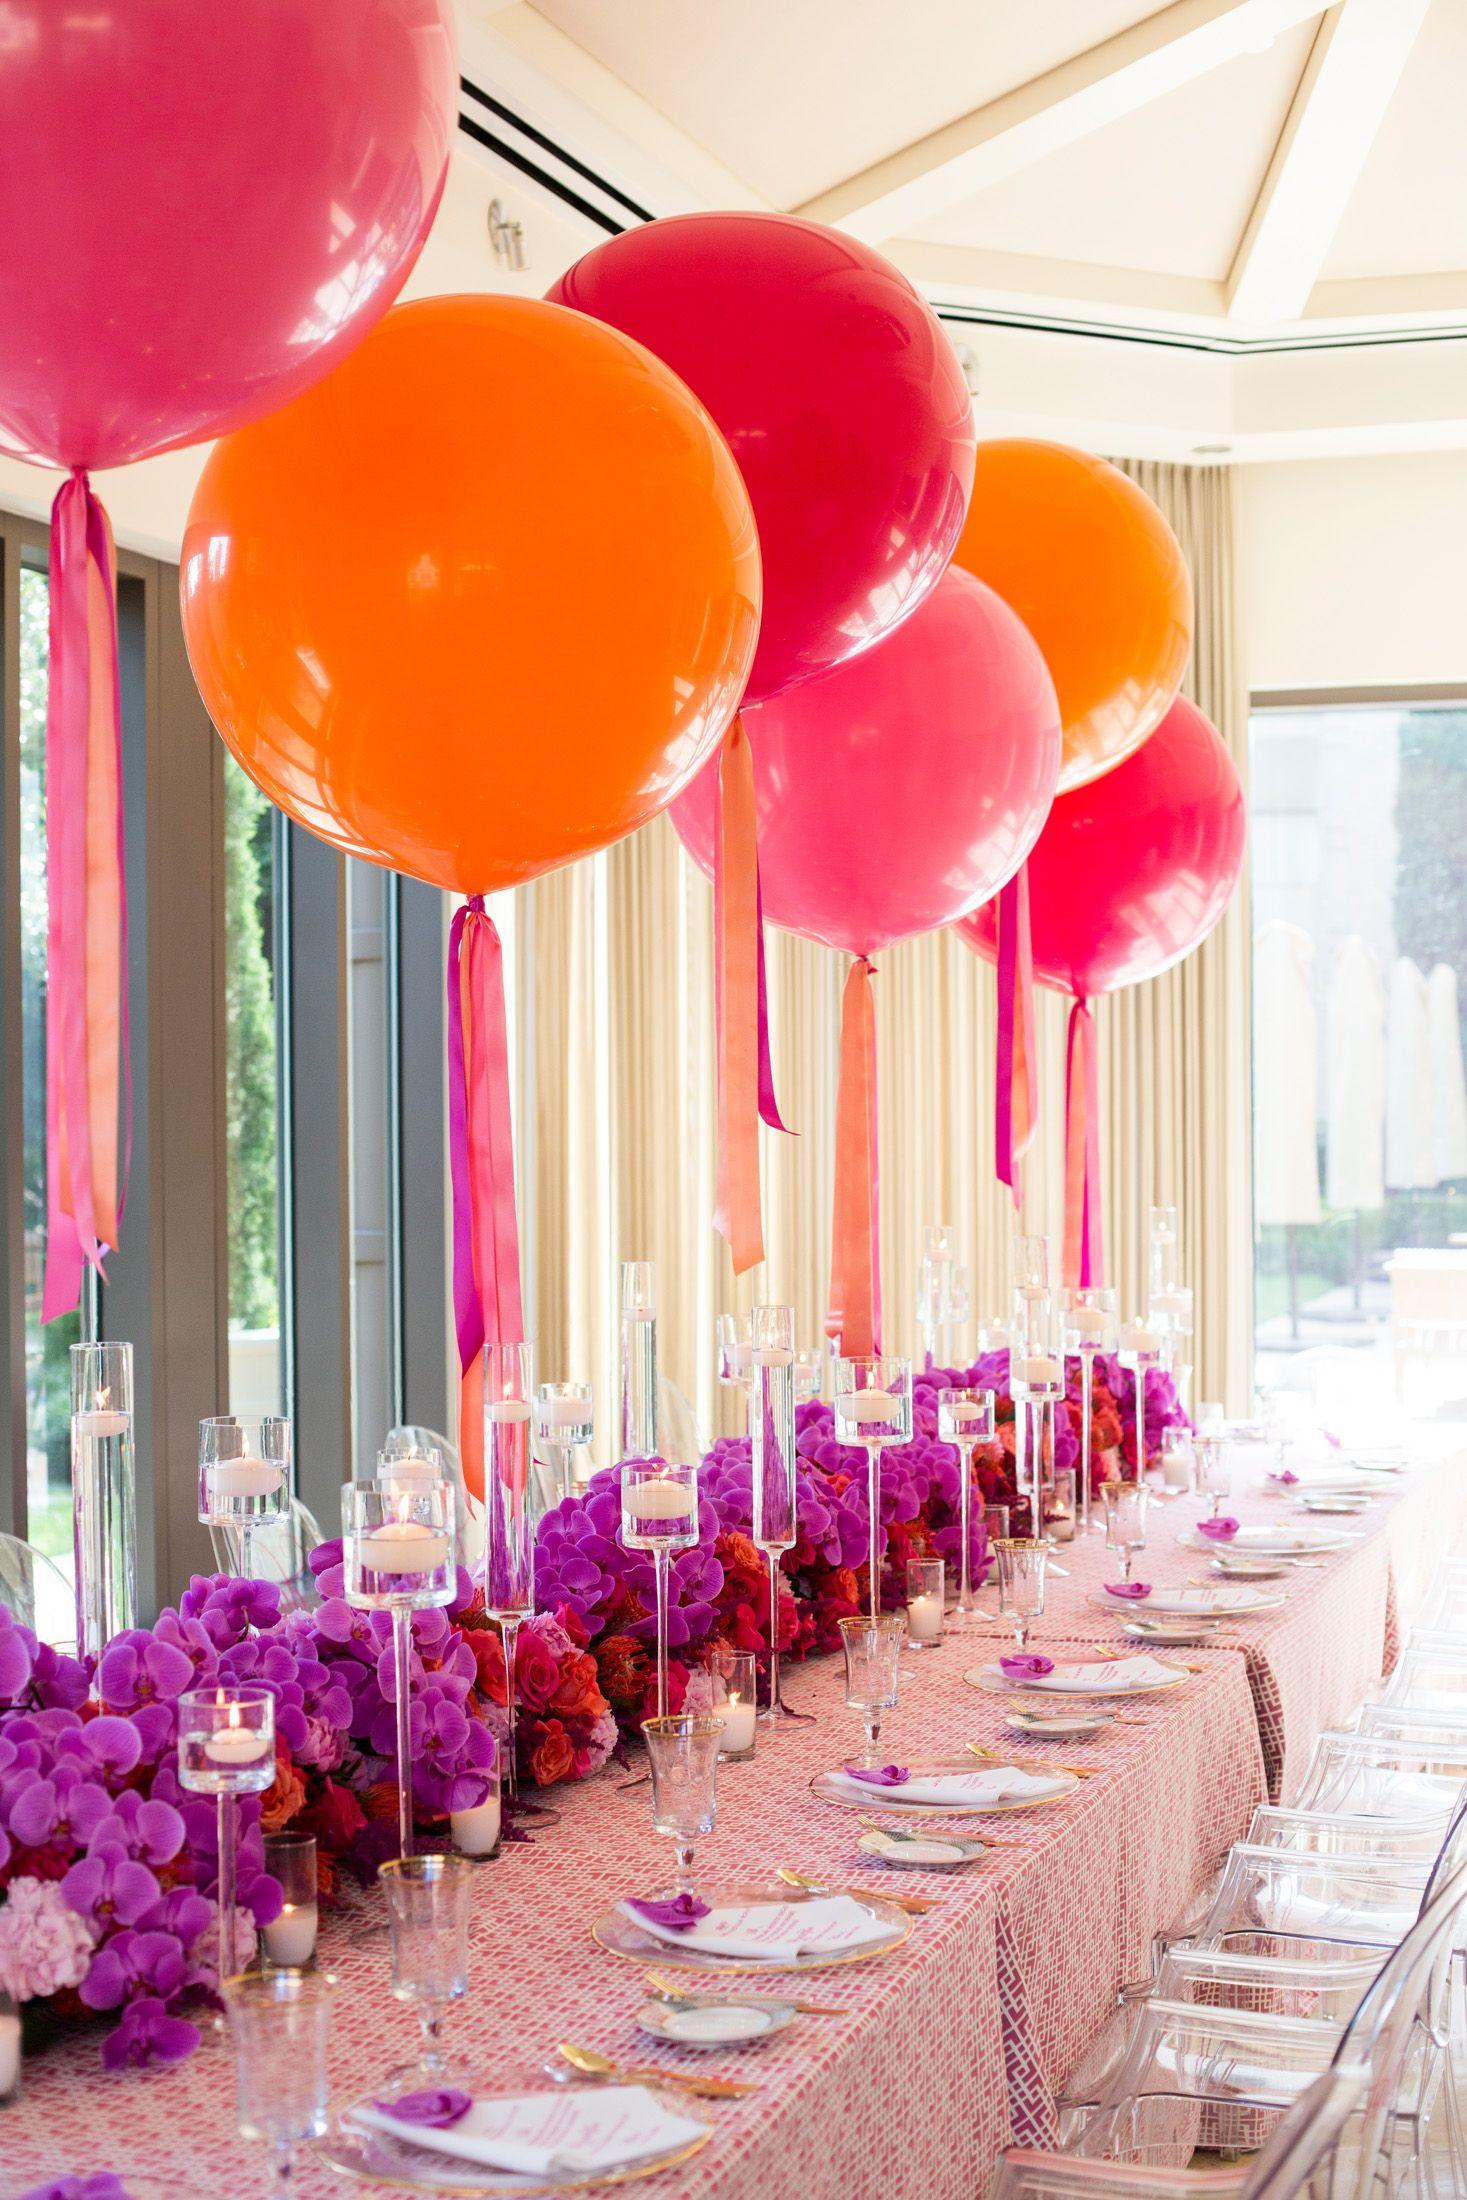 Camino de mesa con flores t globos gigantes con borlas, precioso ...